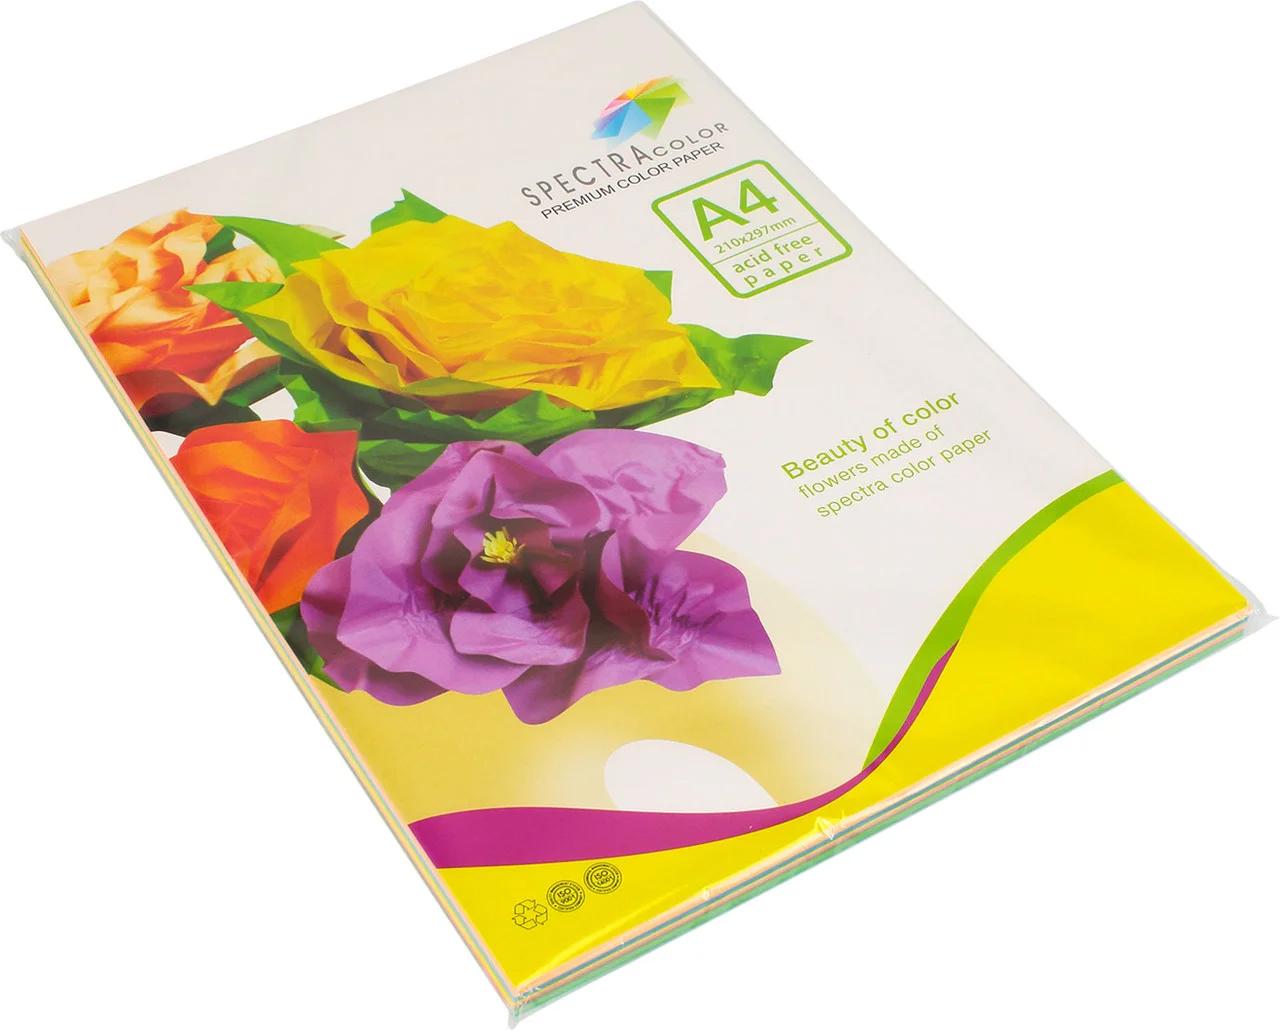 Бумага цветная Color A4 интенсив 80г./м2. Rainbow Pack Deep, 250листов, 10 цветов Spectra Color - фото 1